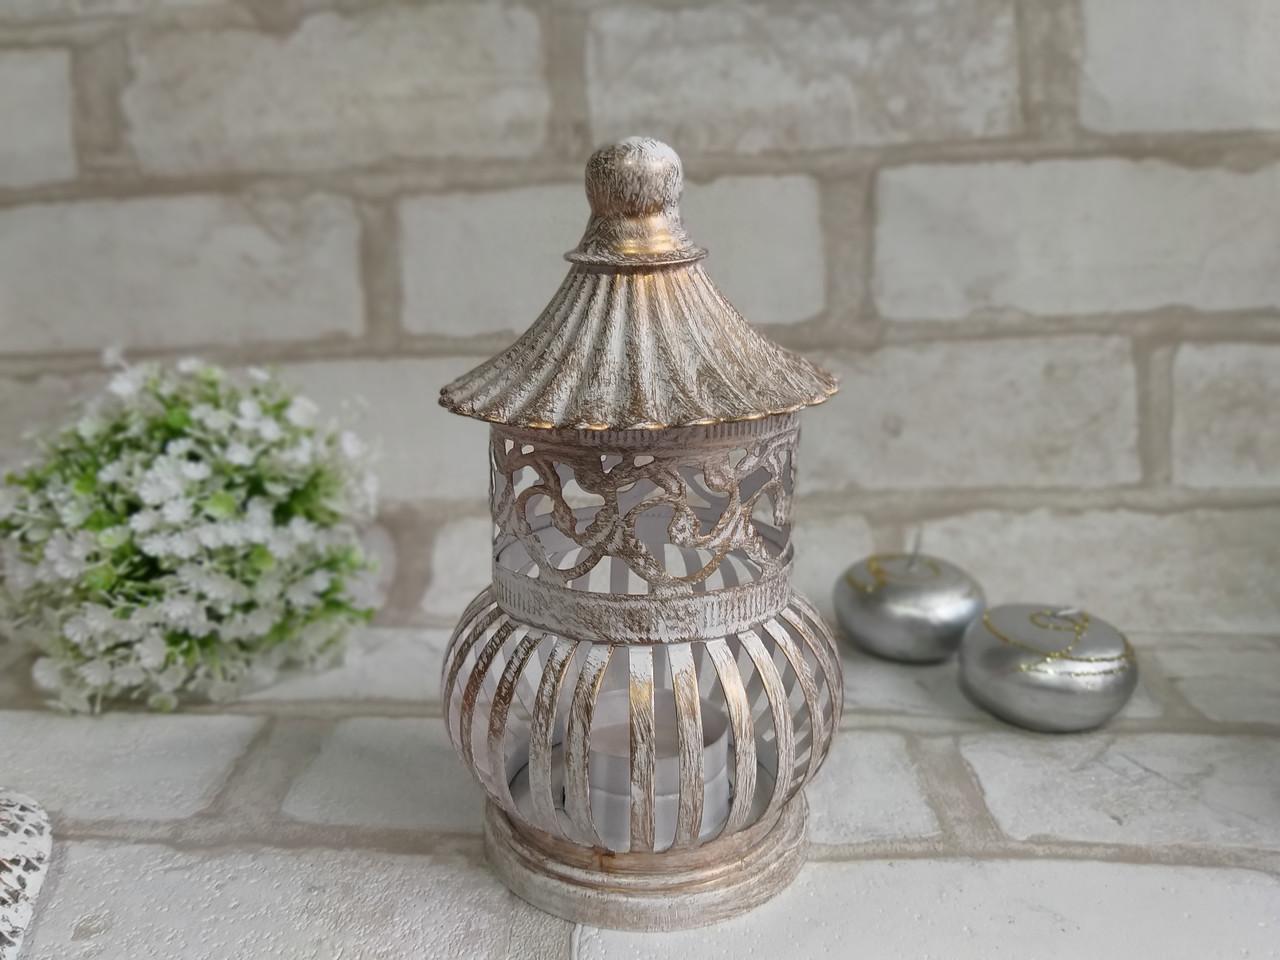 Металлический фонарь-подсвечник, 16 см, 215/184 (цена за 1 шт. + 31 гр.)